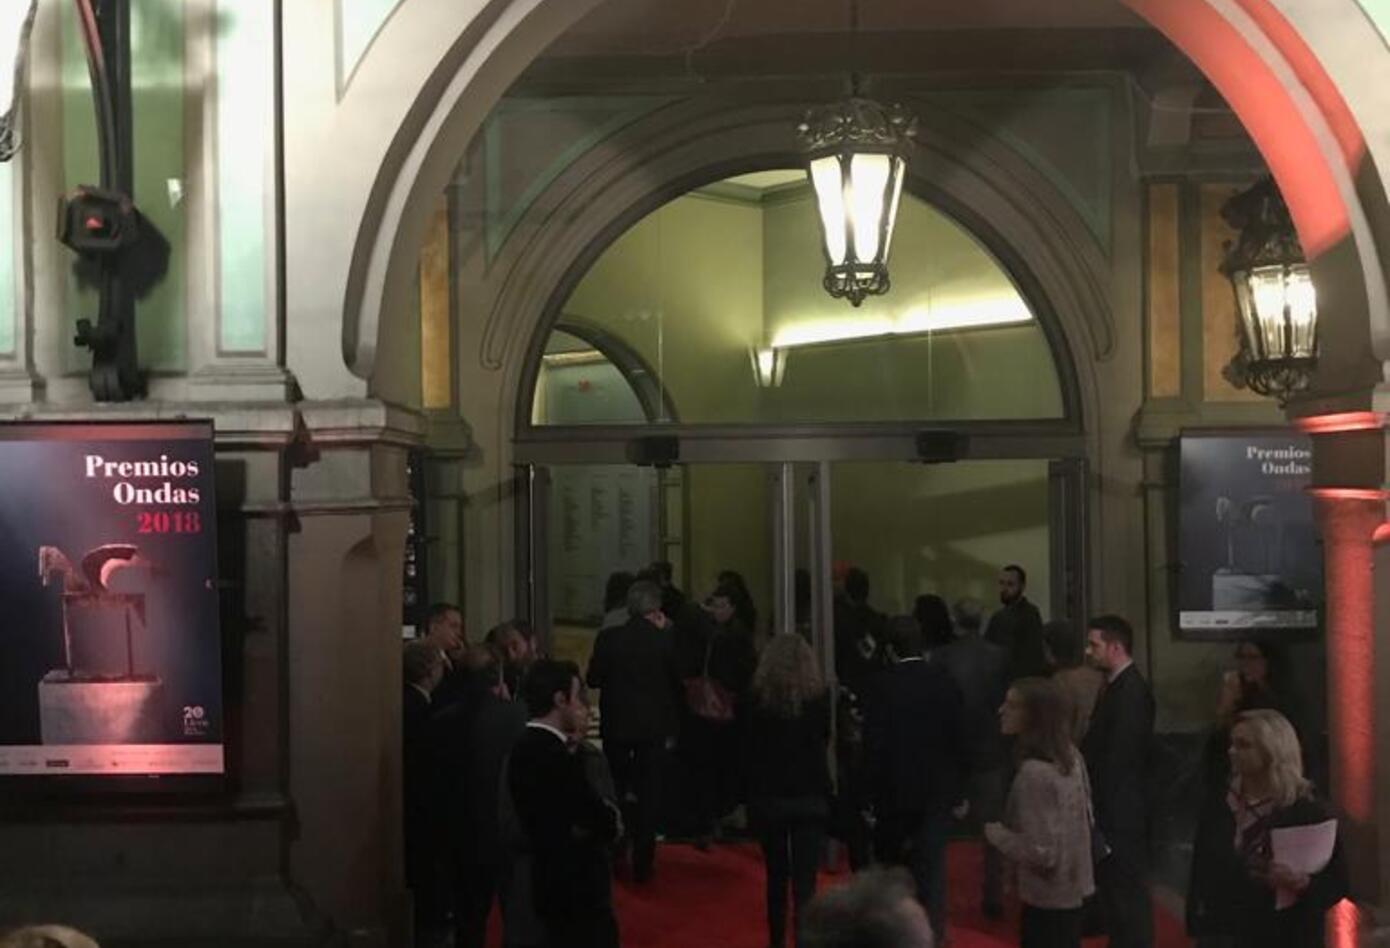 Este fue el salón dedicado a la gala de los premios Ondas 2018